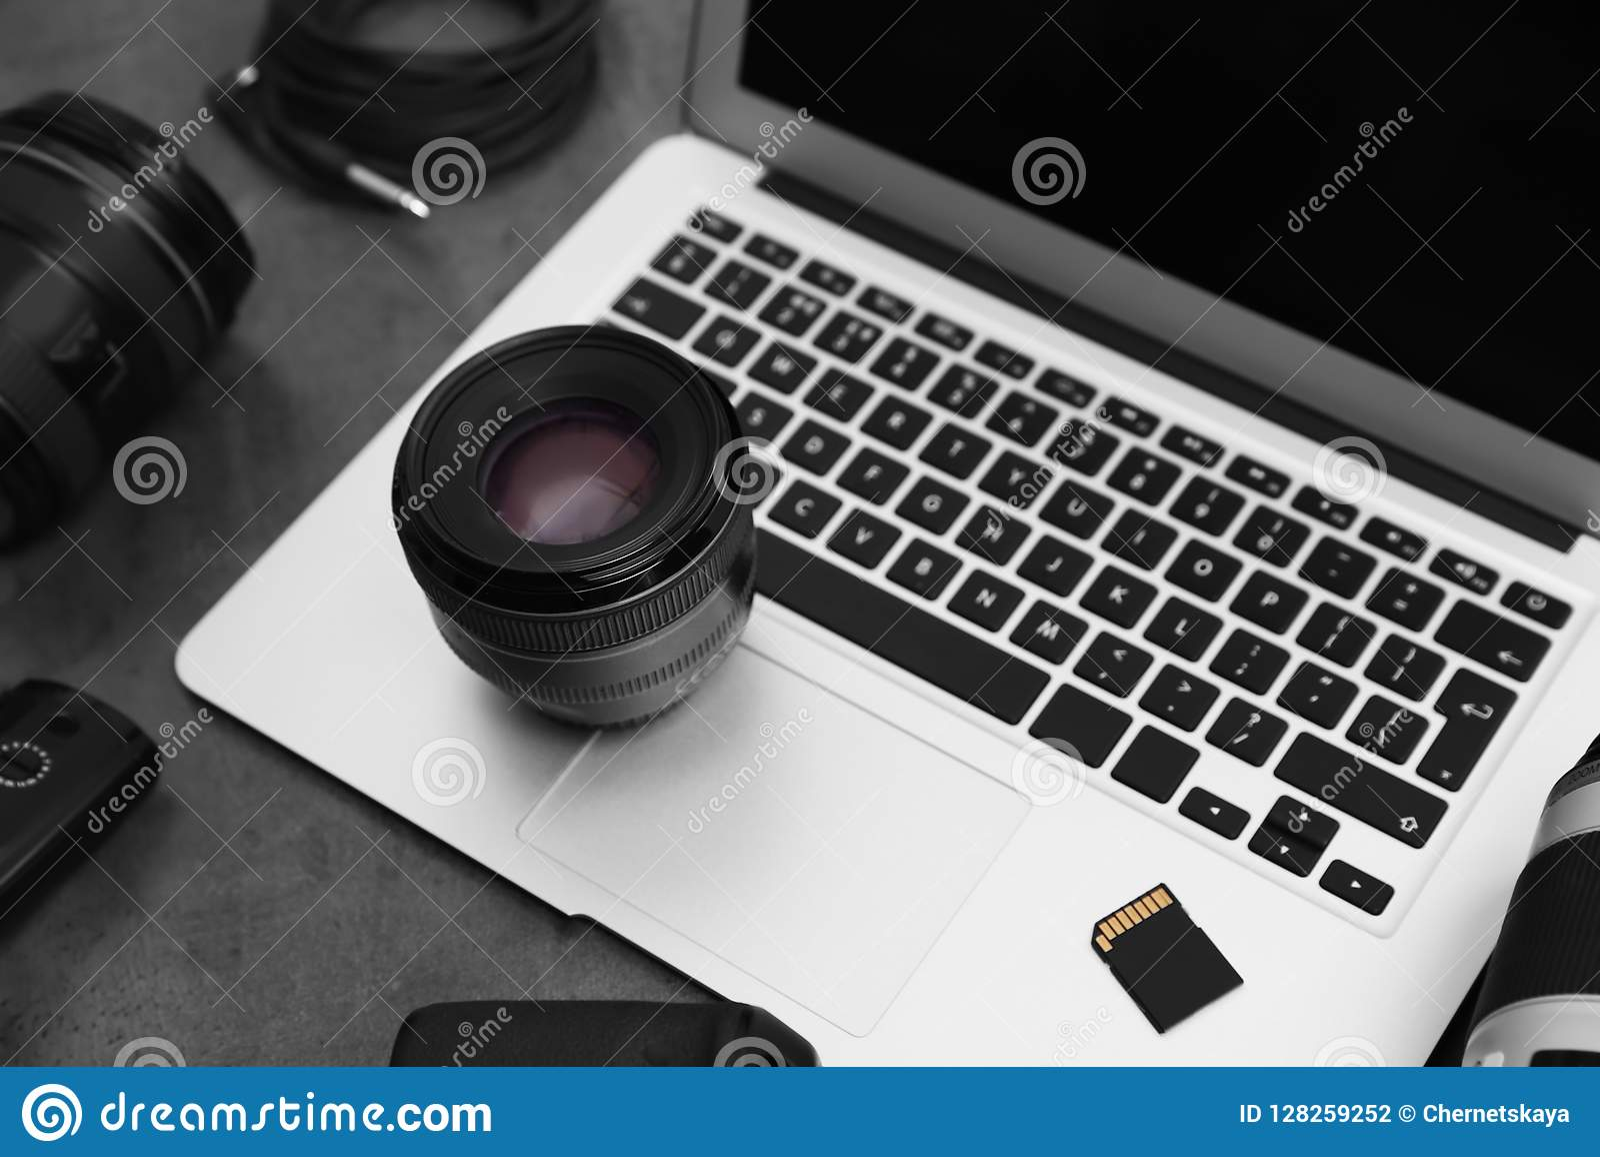 Professionele fotograafmateriaal en laptop